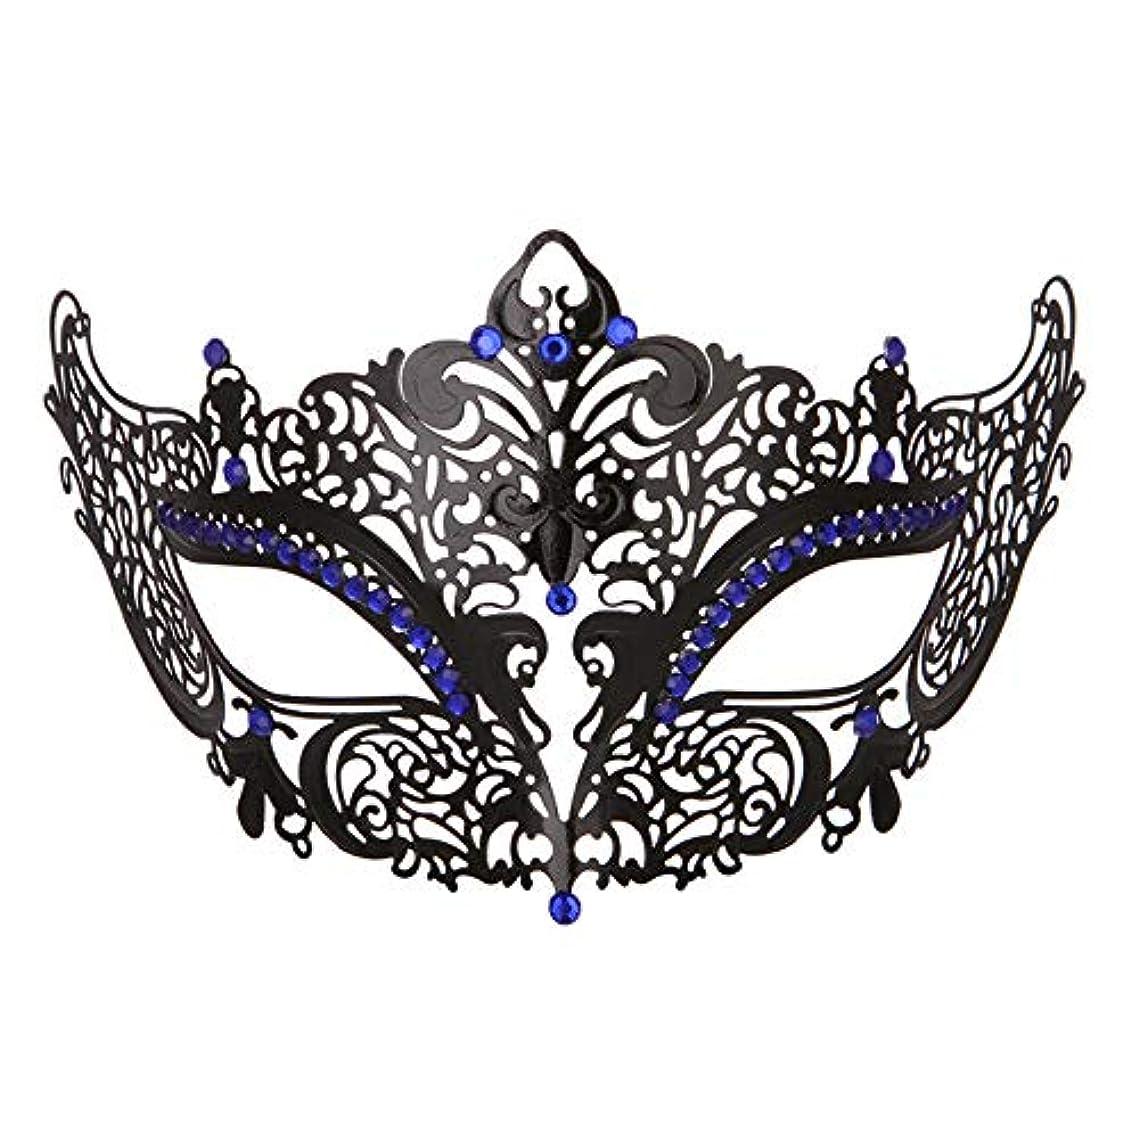 ロック驚下品ダンスマスク 高級金属鉄マスク女性美少女中空ハーフフェイスファッションナイトクラブパーティー仮面舞踏会マスク ホリデーパーティー用品 (色 : 青, サイズ : 19x8cm)